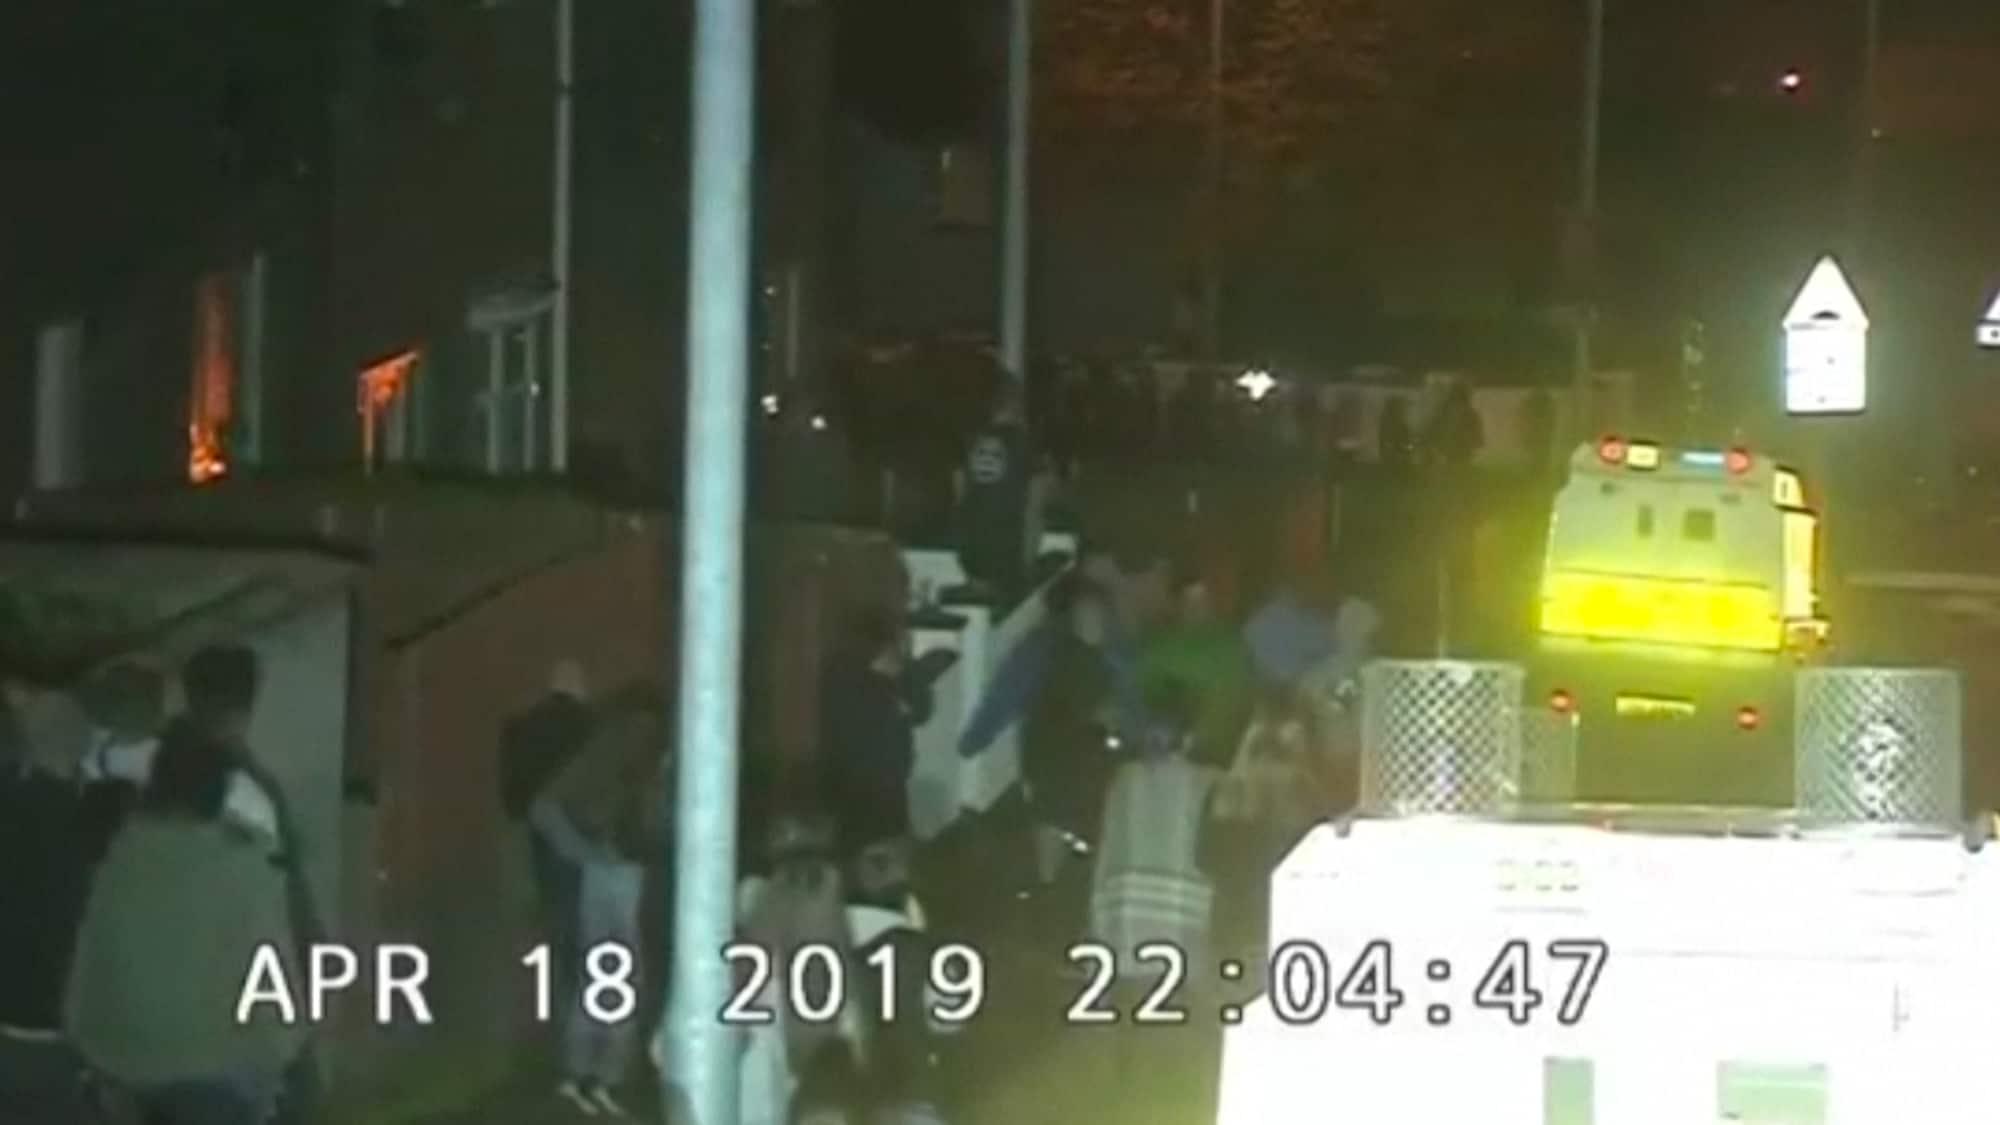 Ermorderte Journalisitn: Polizei veröffentlicht Überwachungsvideo